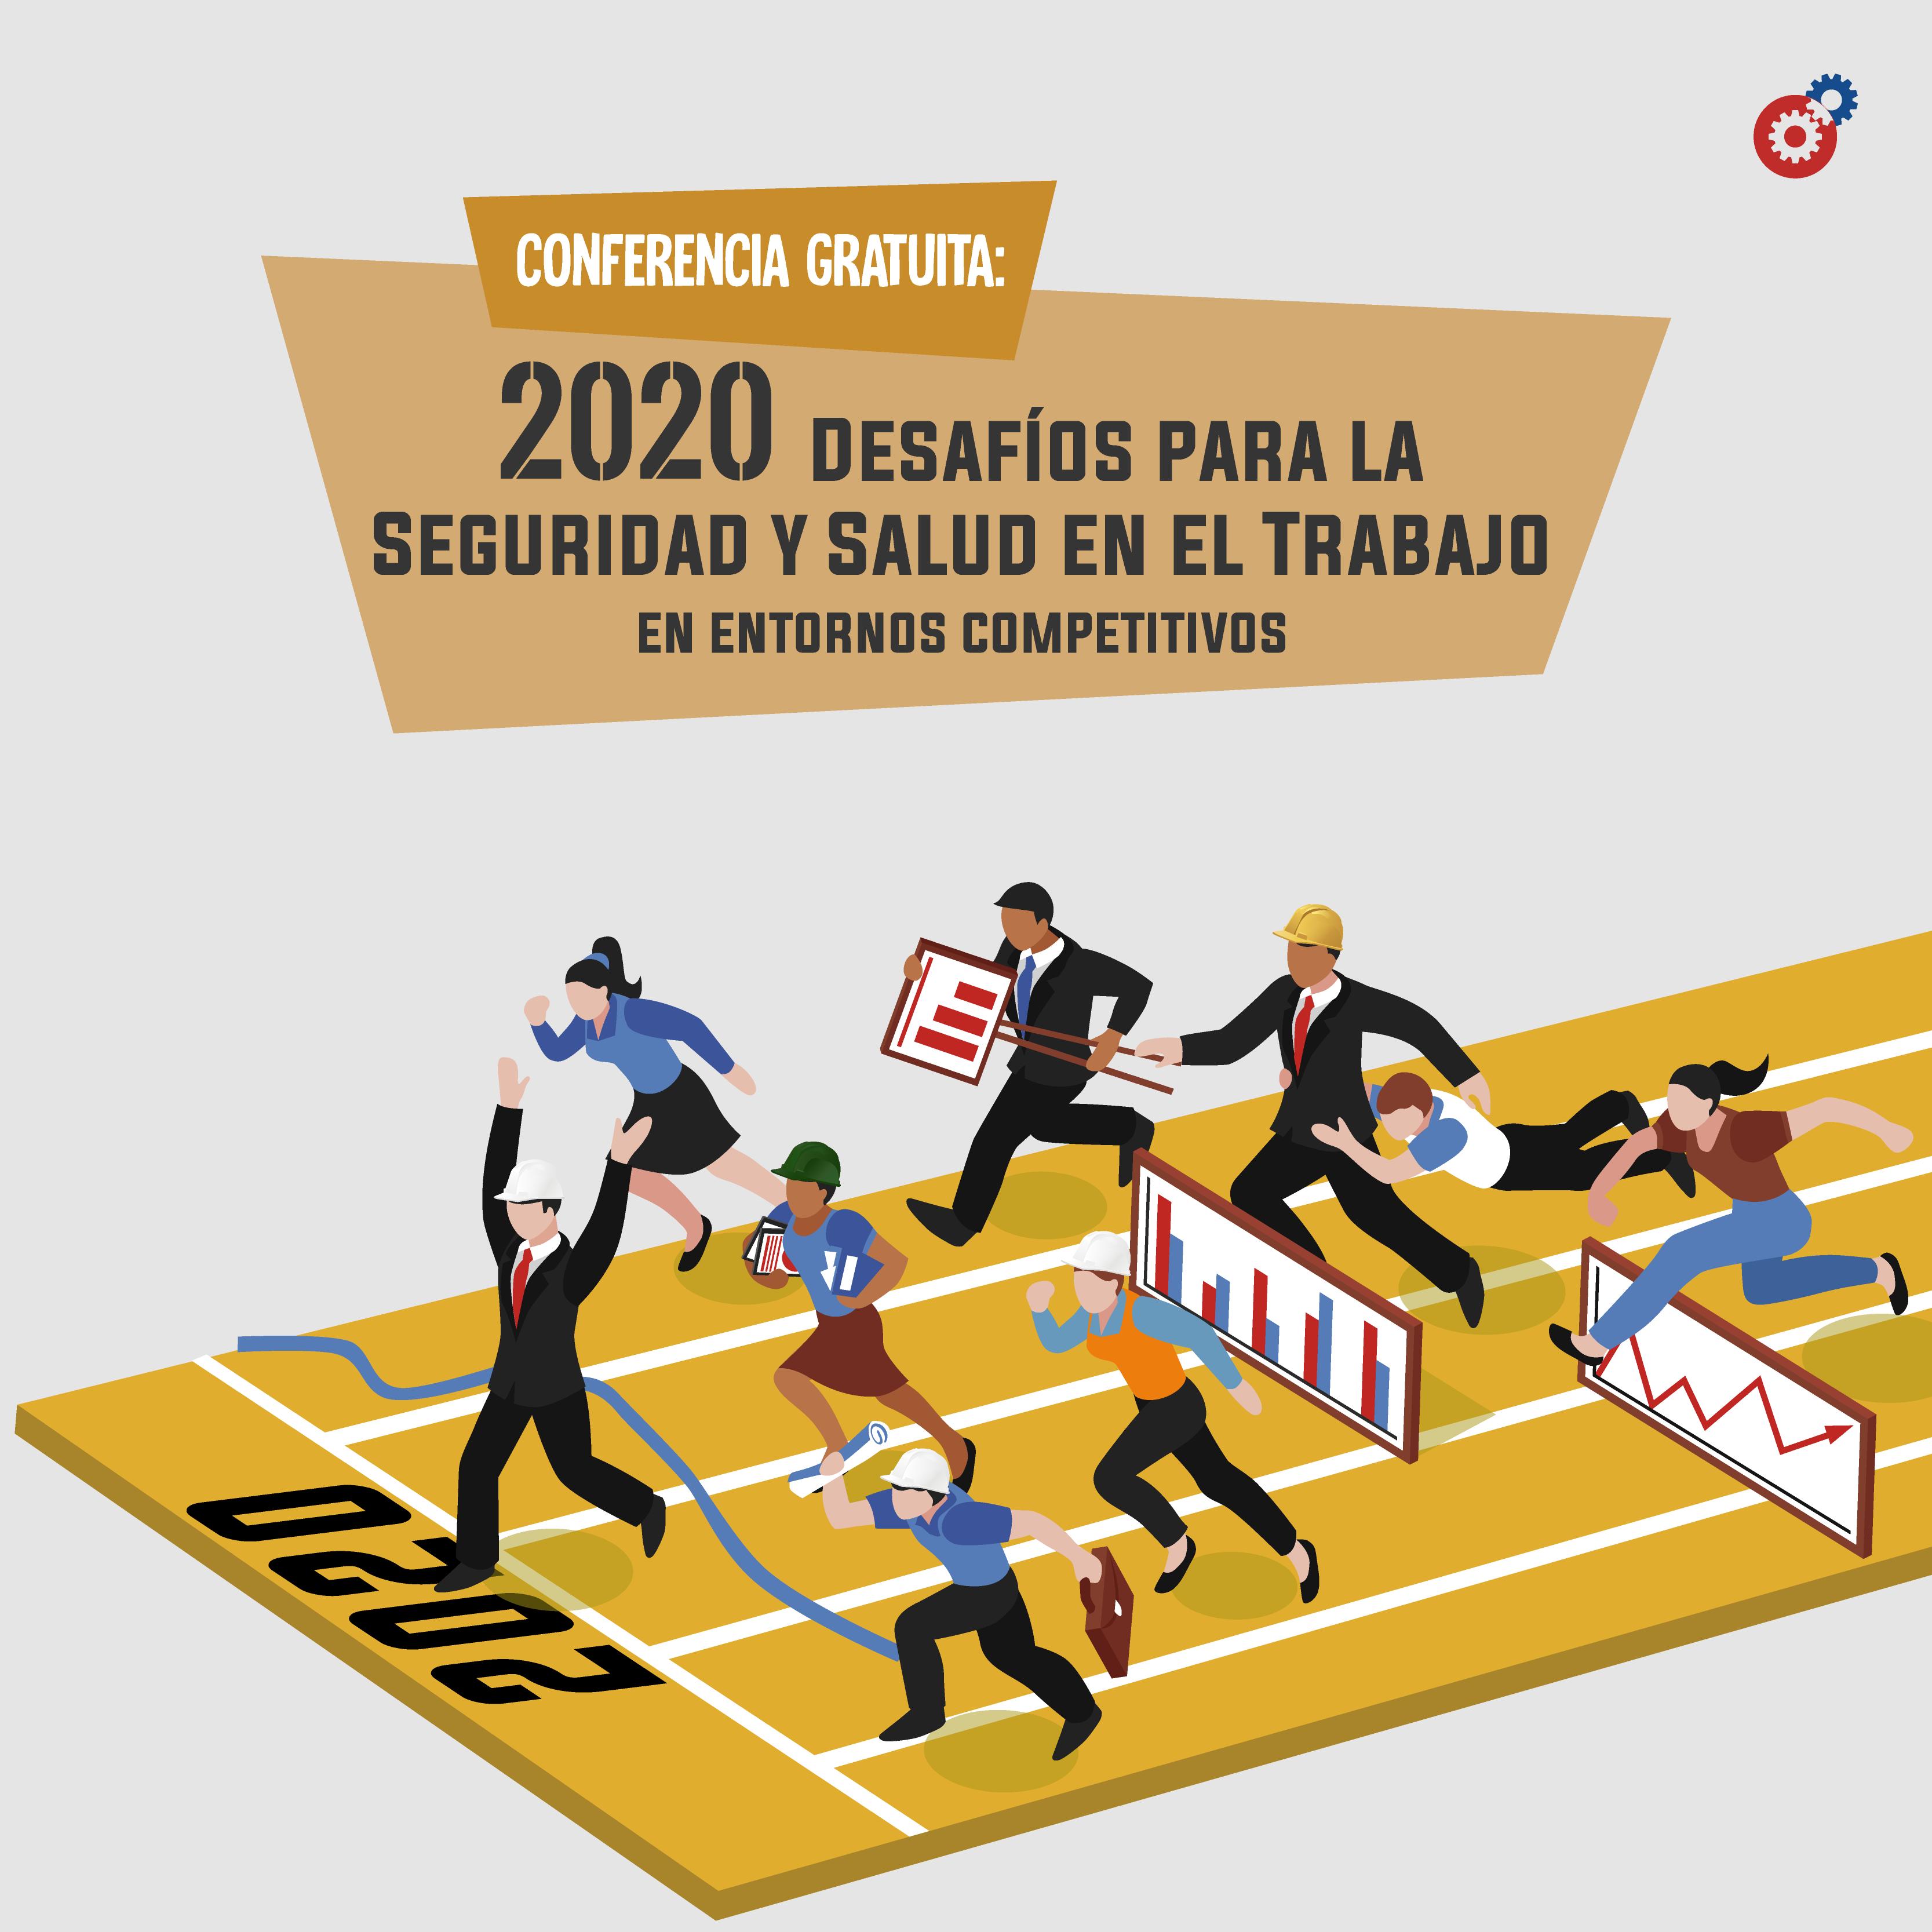 2020: Desafíos en Seguridad y Salud en el Trabajo